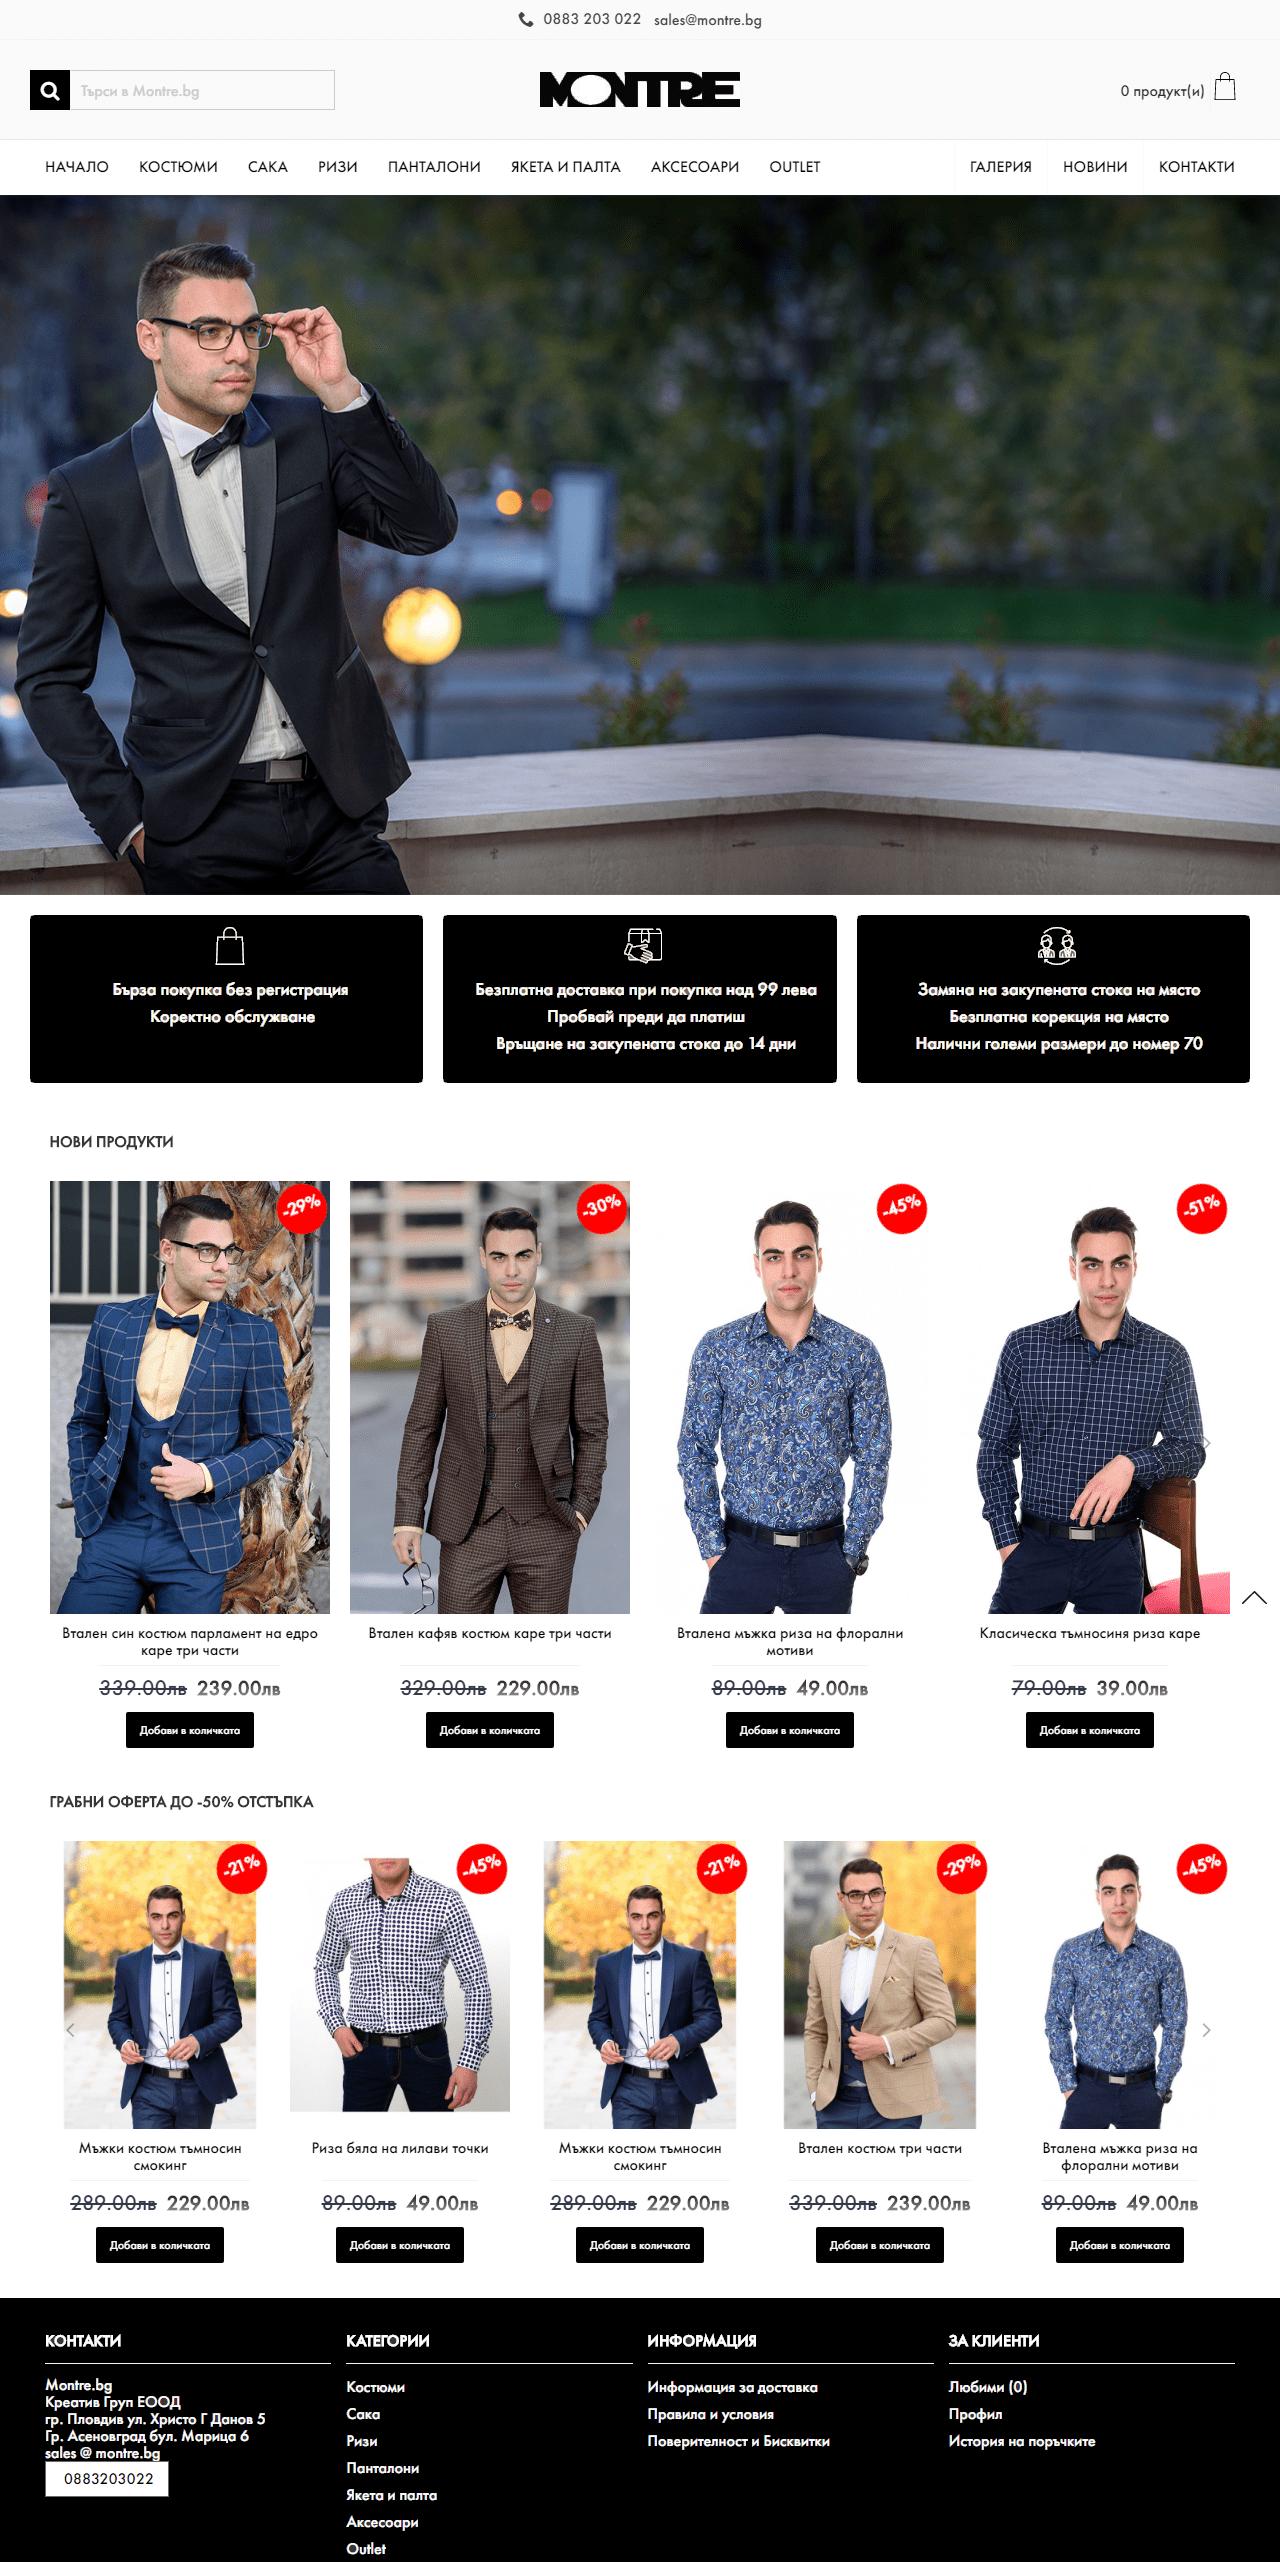 Montre.bg - мъжки костюми, сака, ризи, аксесоари